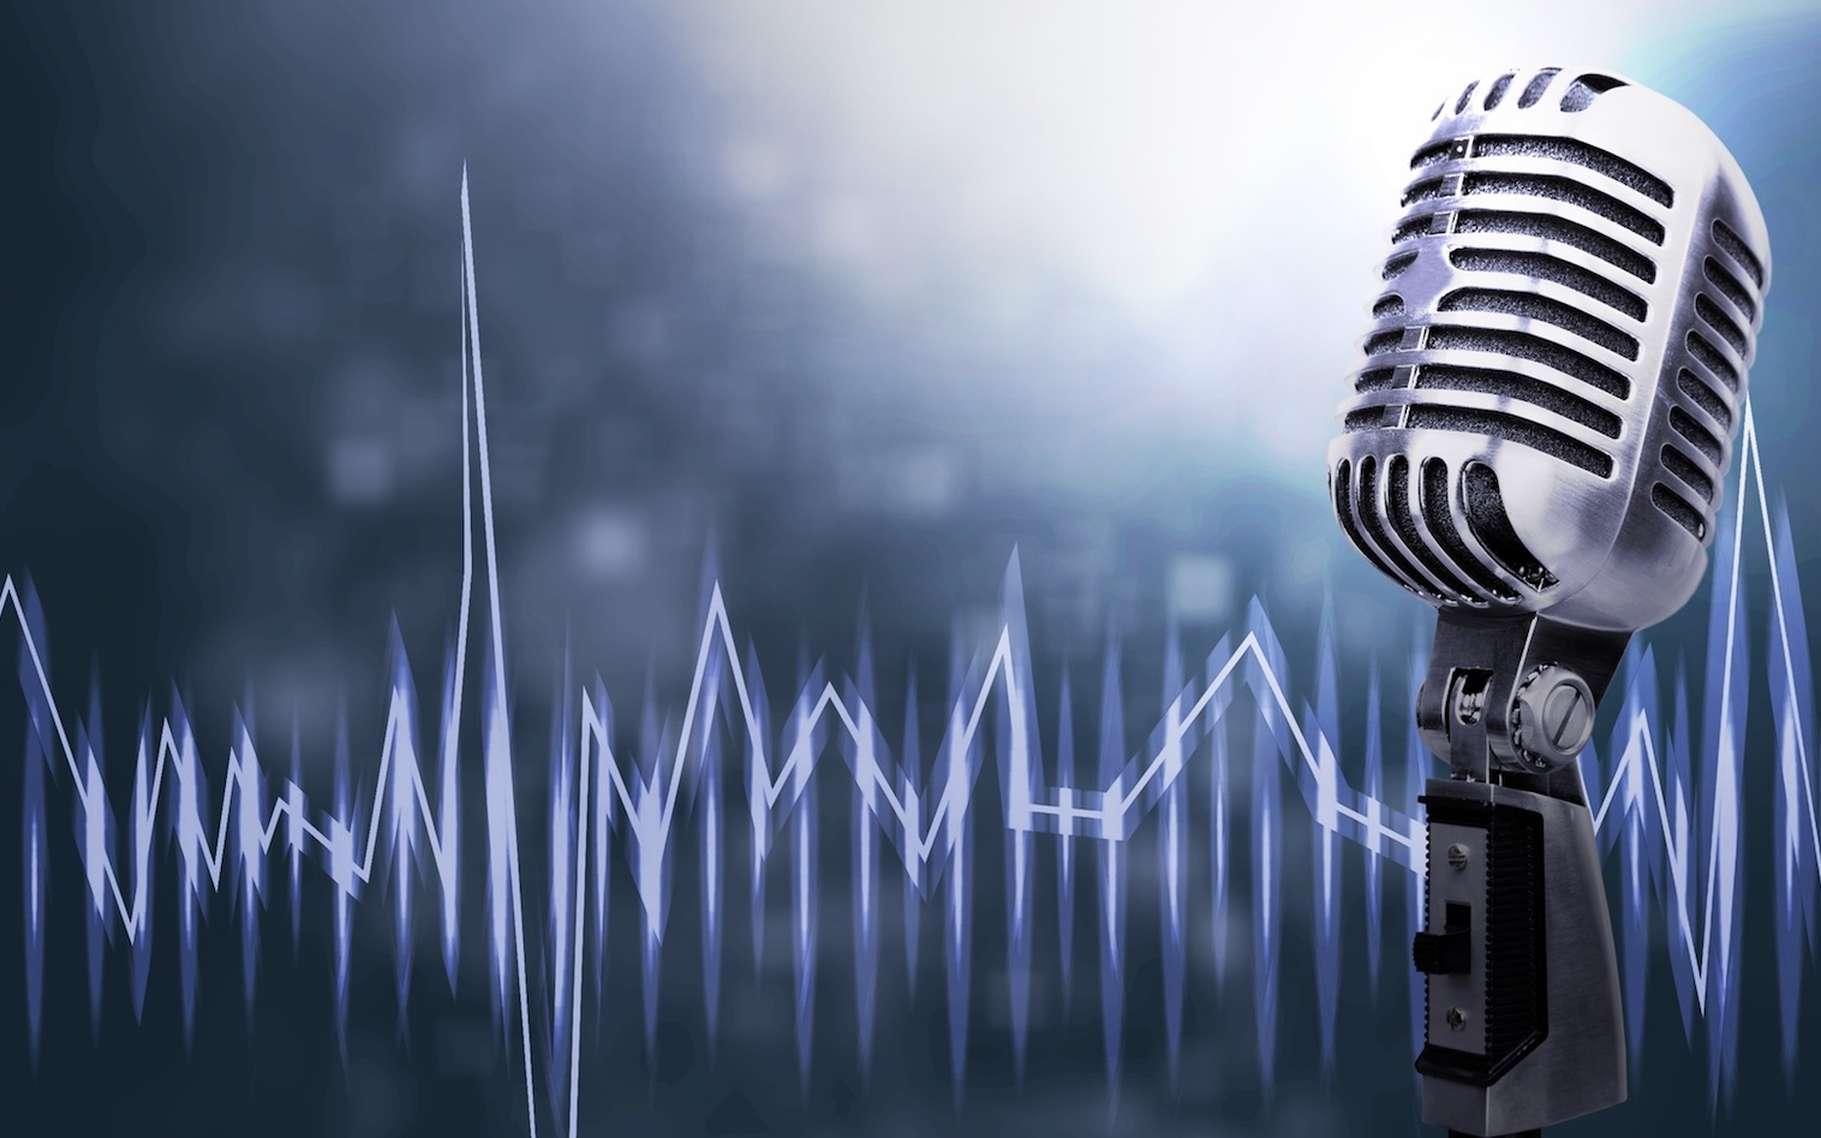 Le phonon, c'est l'artifice que les physiciens emploient pour décrire les ondes sonores. Mais il se pourrait que cet artifice prenne corps si la théorie de chercheurs américains venait à se vérifier. © BillionPhotos.com, Fotolia